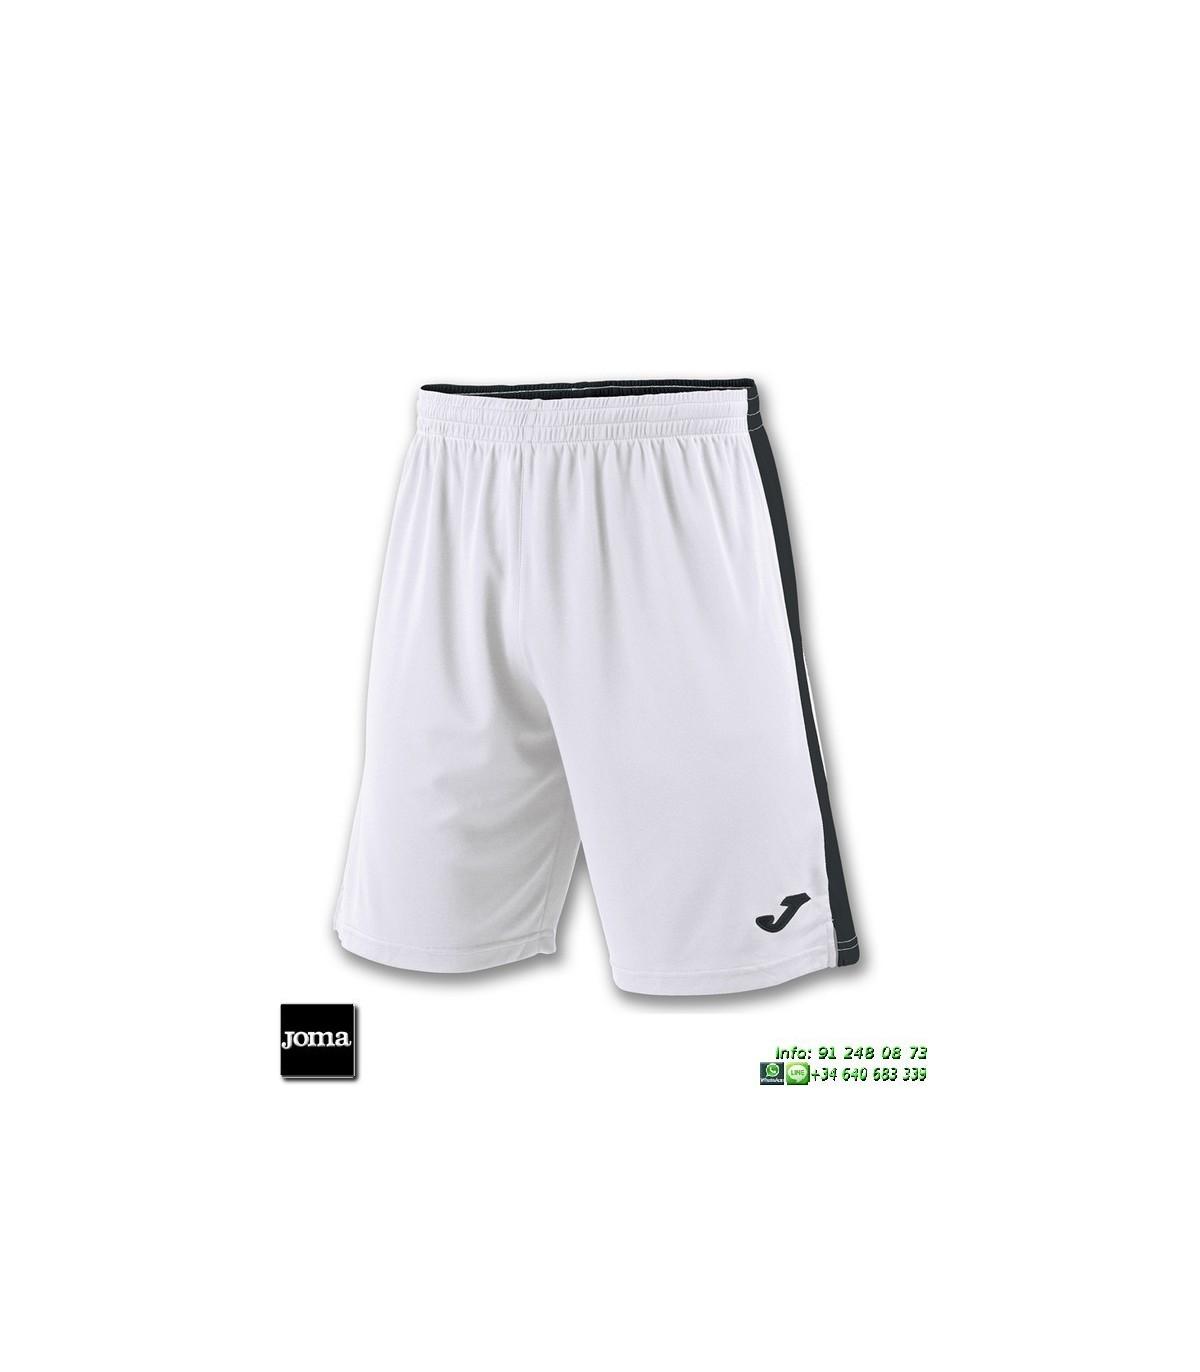 5bd9b6c3d5 JOMA Pantalon Corto TOKIO II SHORT Futbol BLANCO NEGRO 100684.201